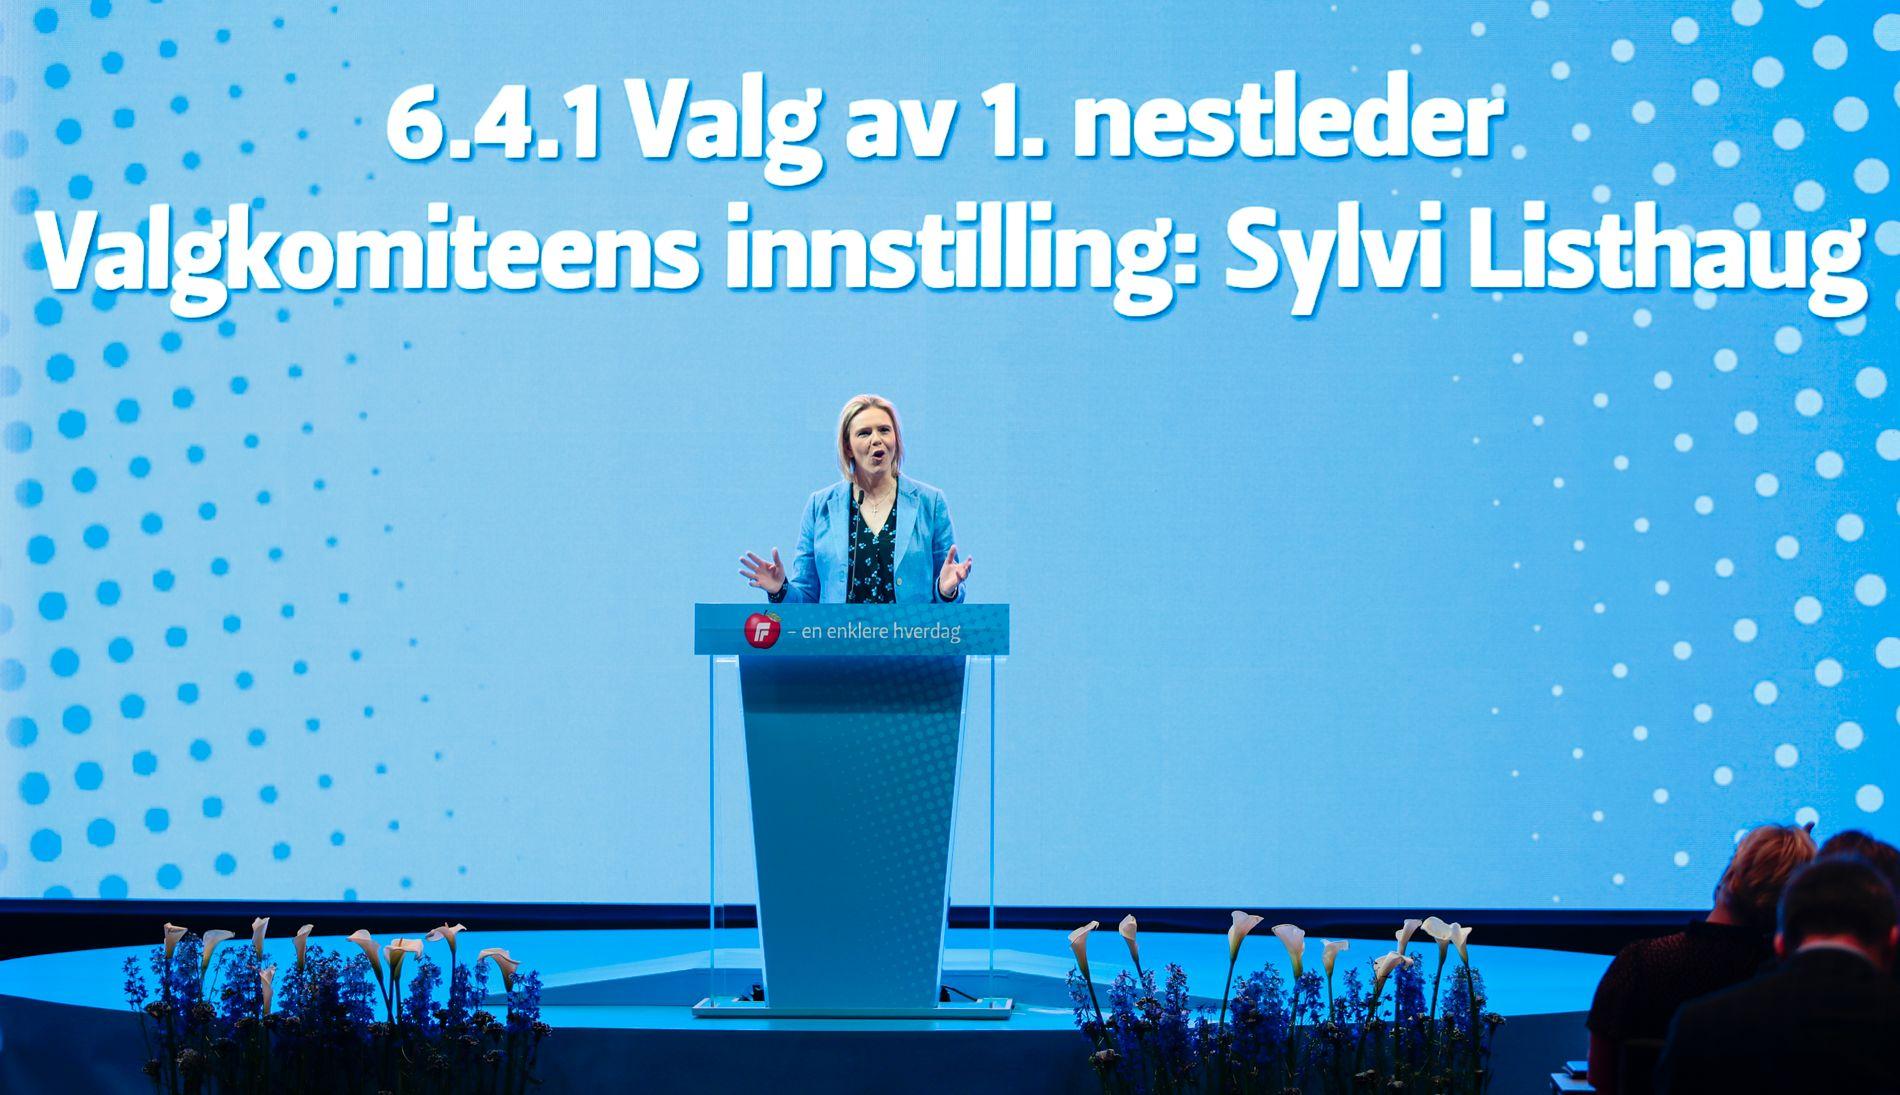 GIKK IMOT: Redaksjonskomiteen ledet av Sylvi Listhaug ville ikke støtte forslaget om å stoppe vindmølleutbygging på land.